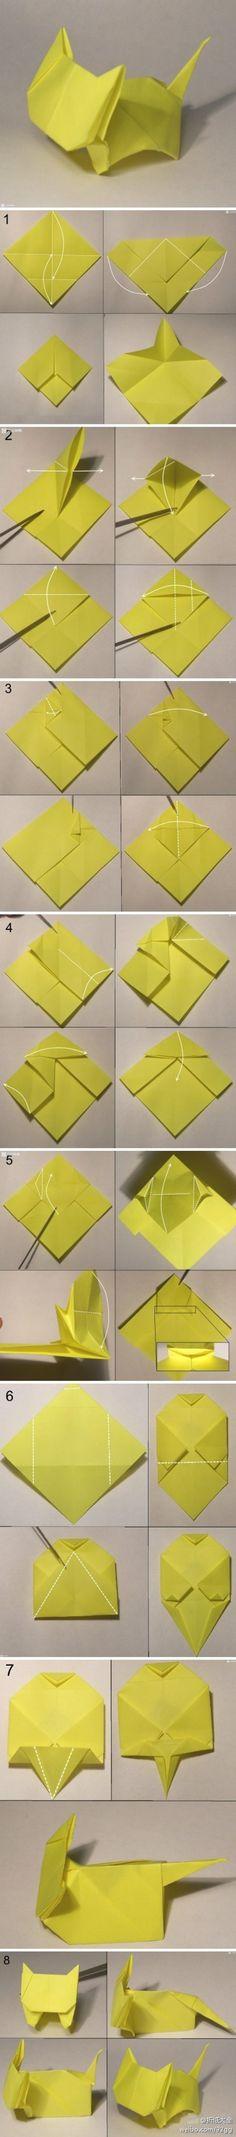 【可爱小猫折纸】 是不是很口耐~